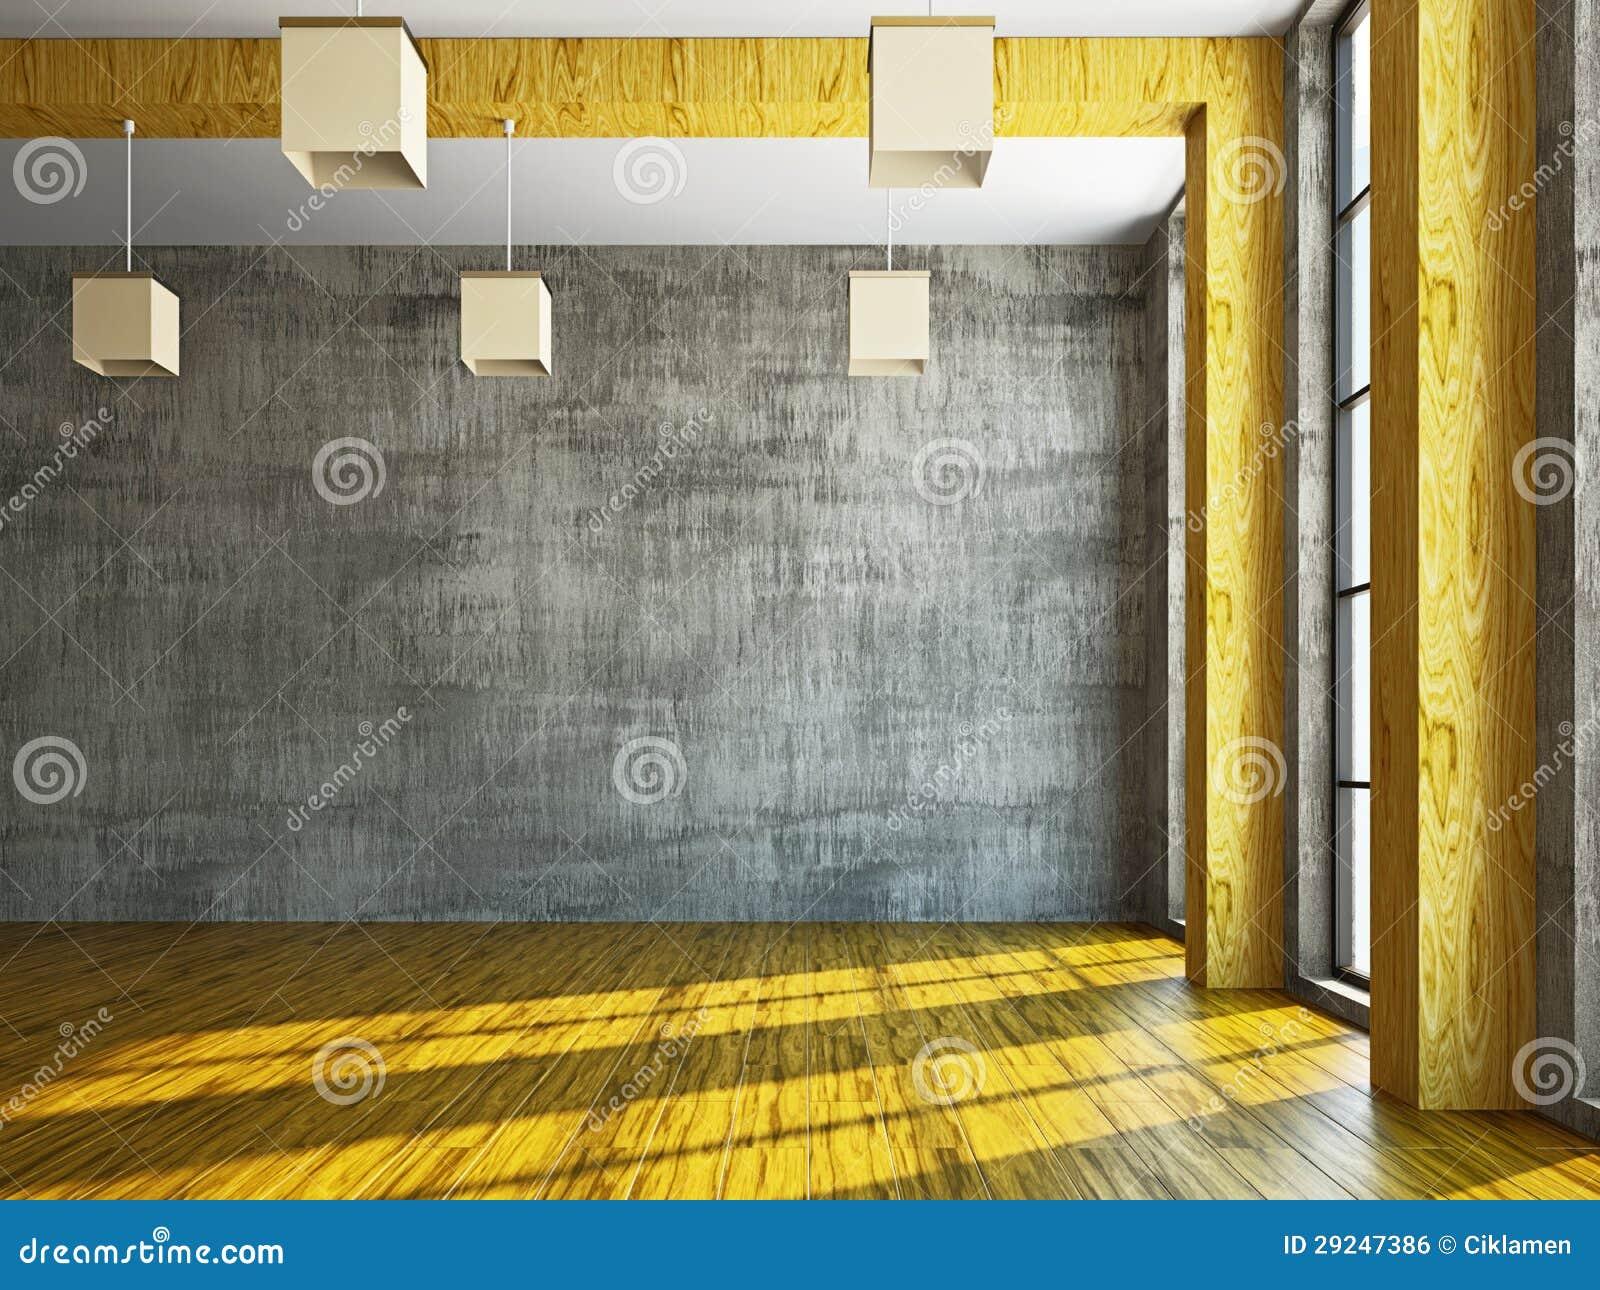 Download Sala vazia com indicador ilustração stock. Ilustração de propriedade - 29247386